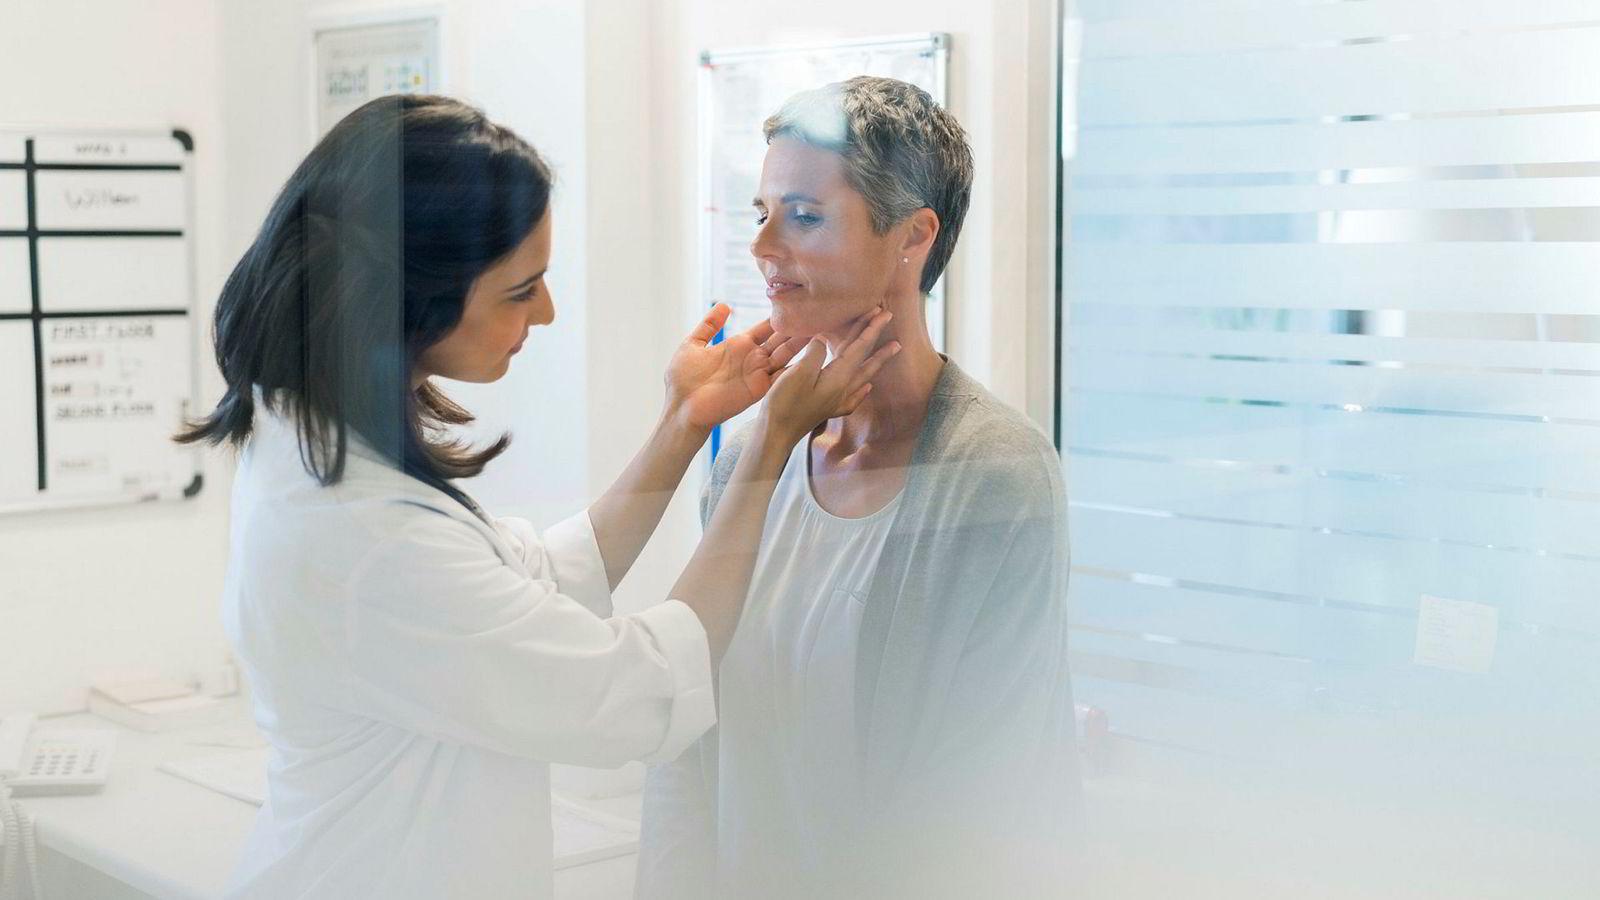 En ny studie fra en svensk forsker viser at det å være kjent med en lege kan være svært bra for helsen.